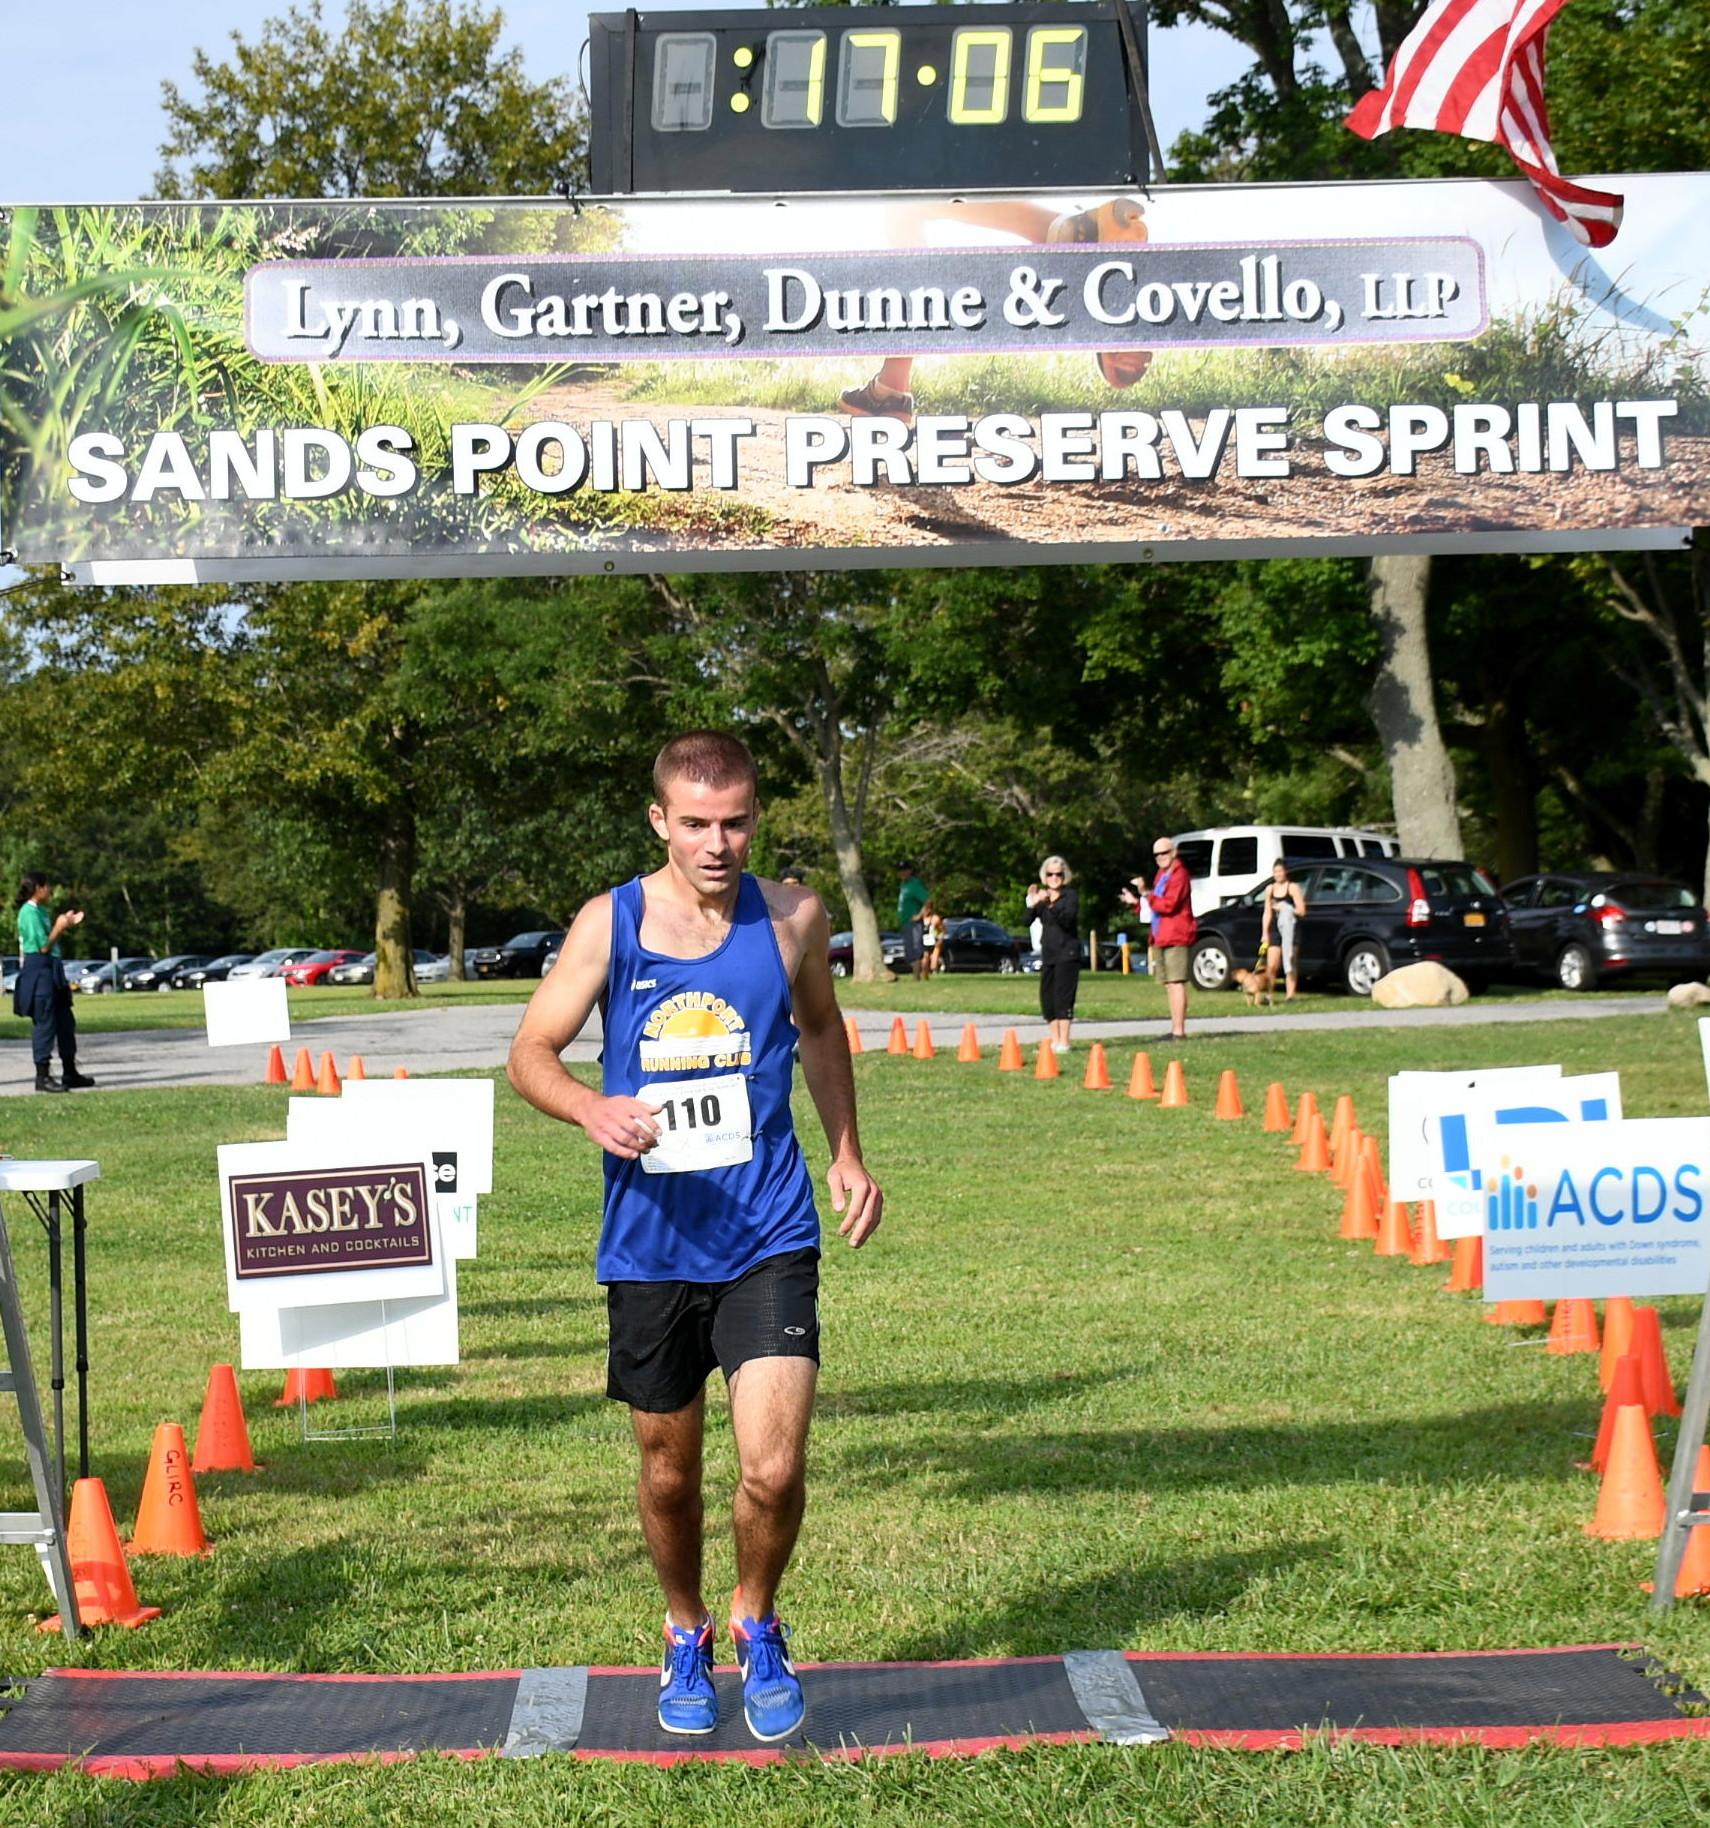 Alex Eletto wins the 2017 Lynn, Gartner, Dunne & Covello, LLP Sands Point Sprint